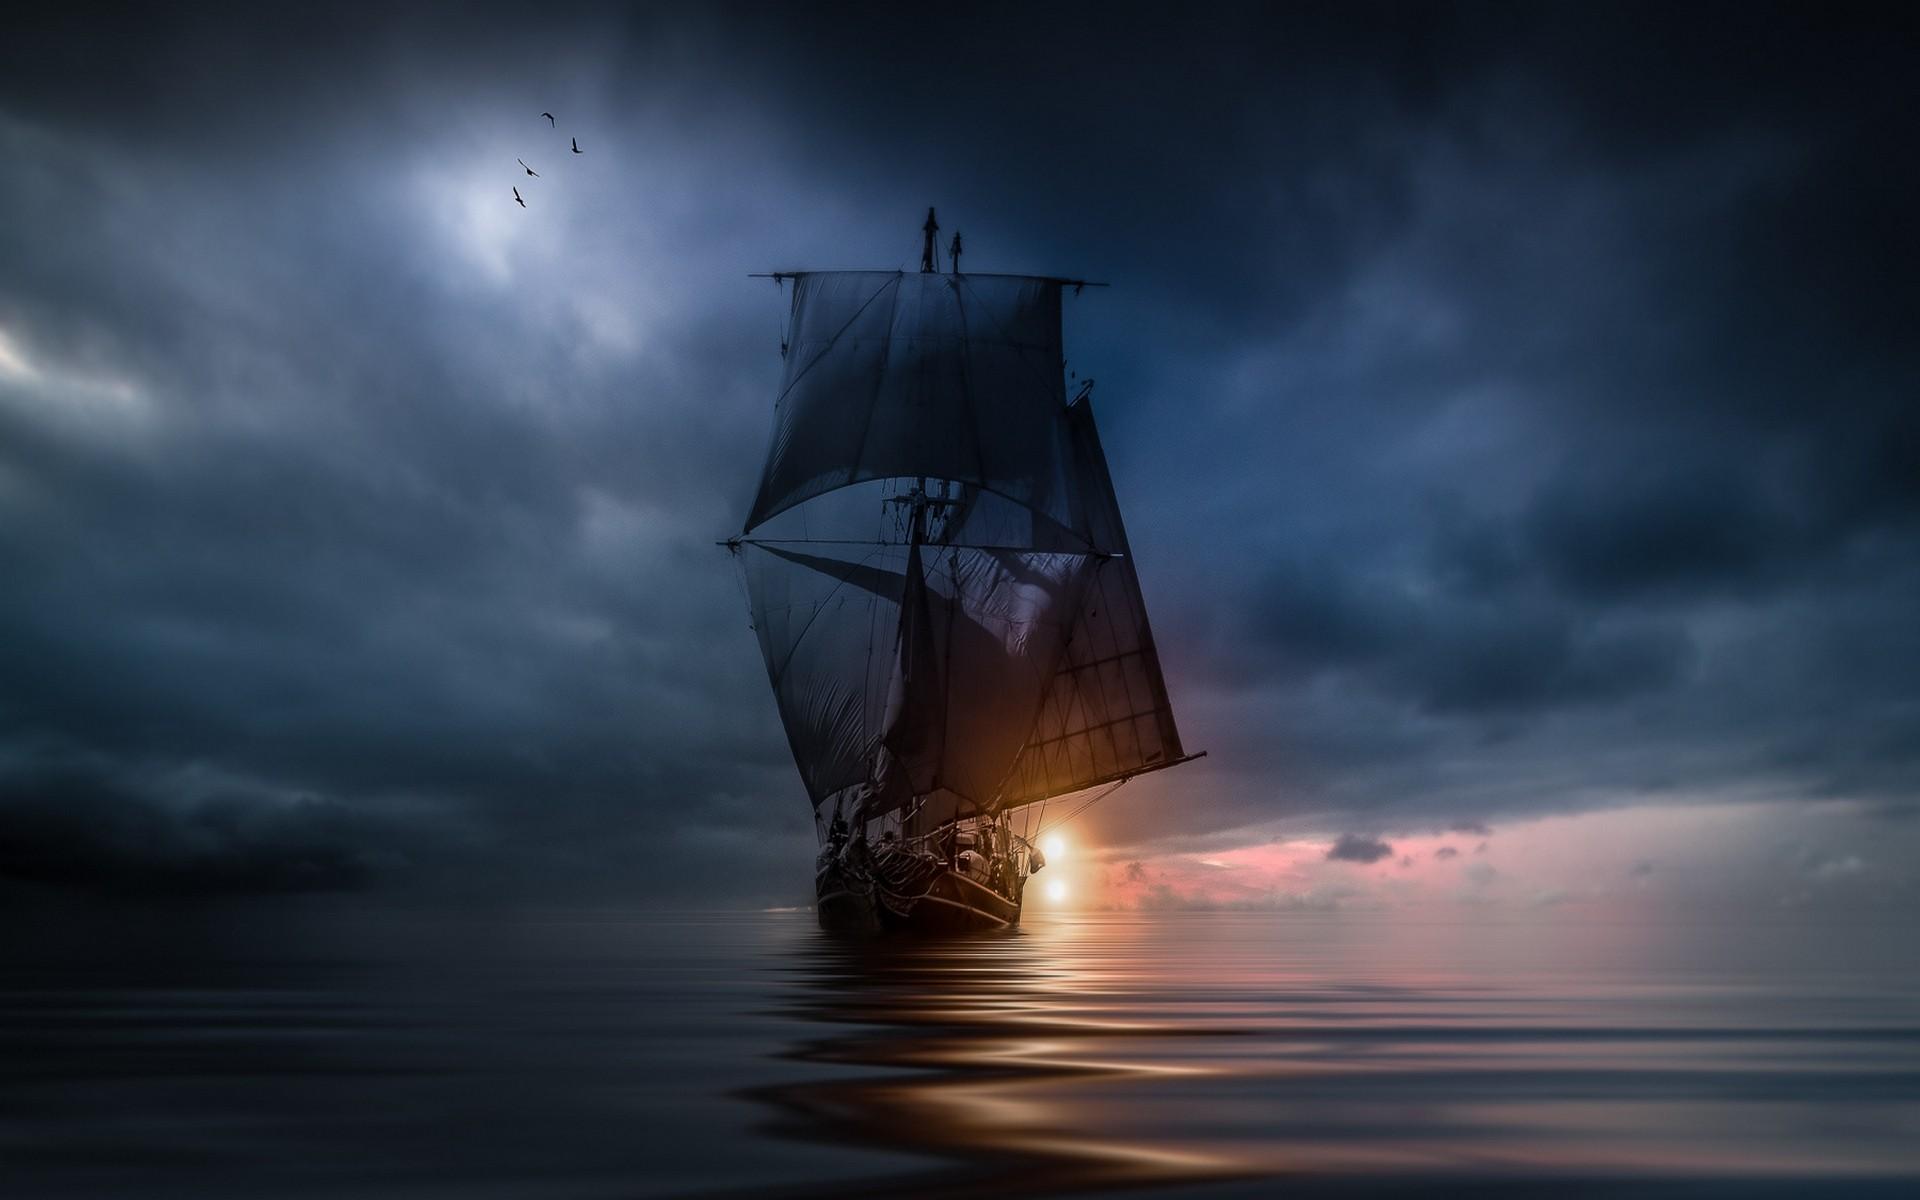 Segelschiffe auf dem meer sonnenuntergang  Hintergrundbilder : Landschaft, Schiff, Segelschiff, Vögel ...